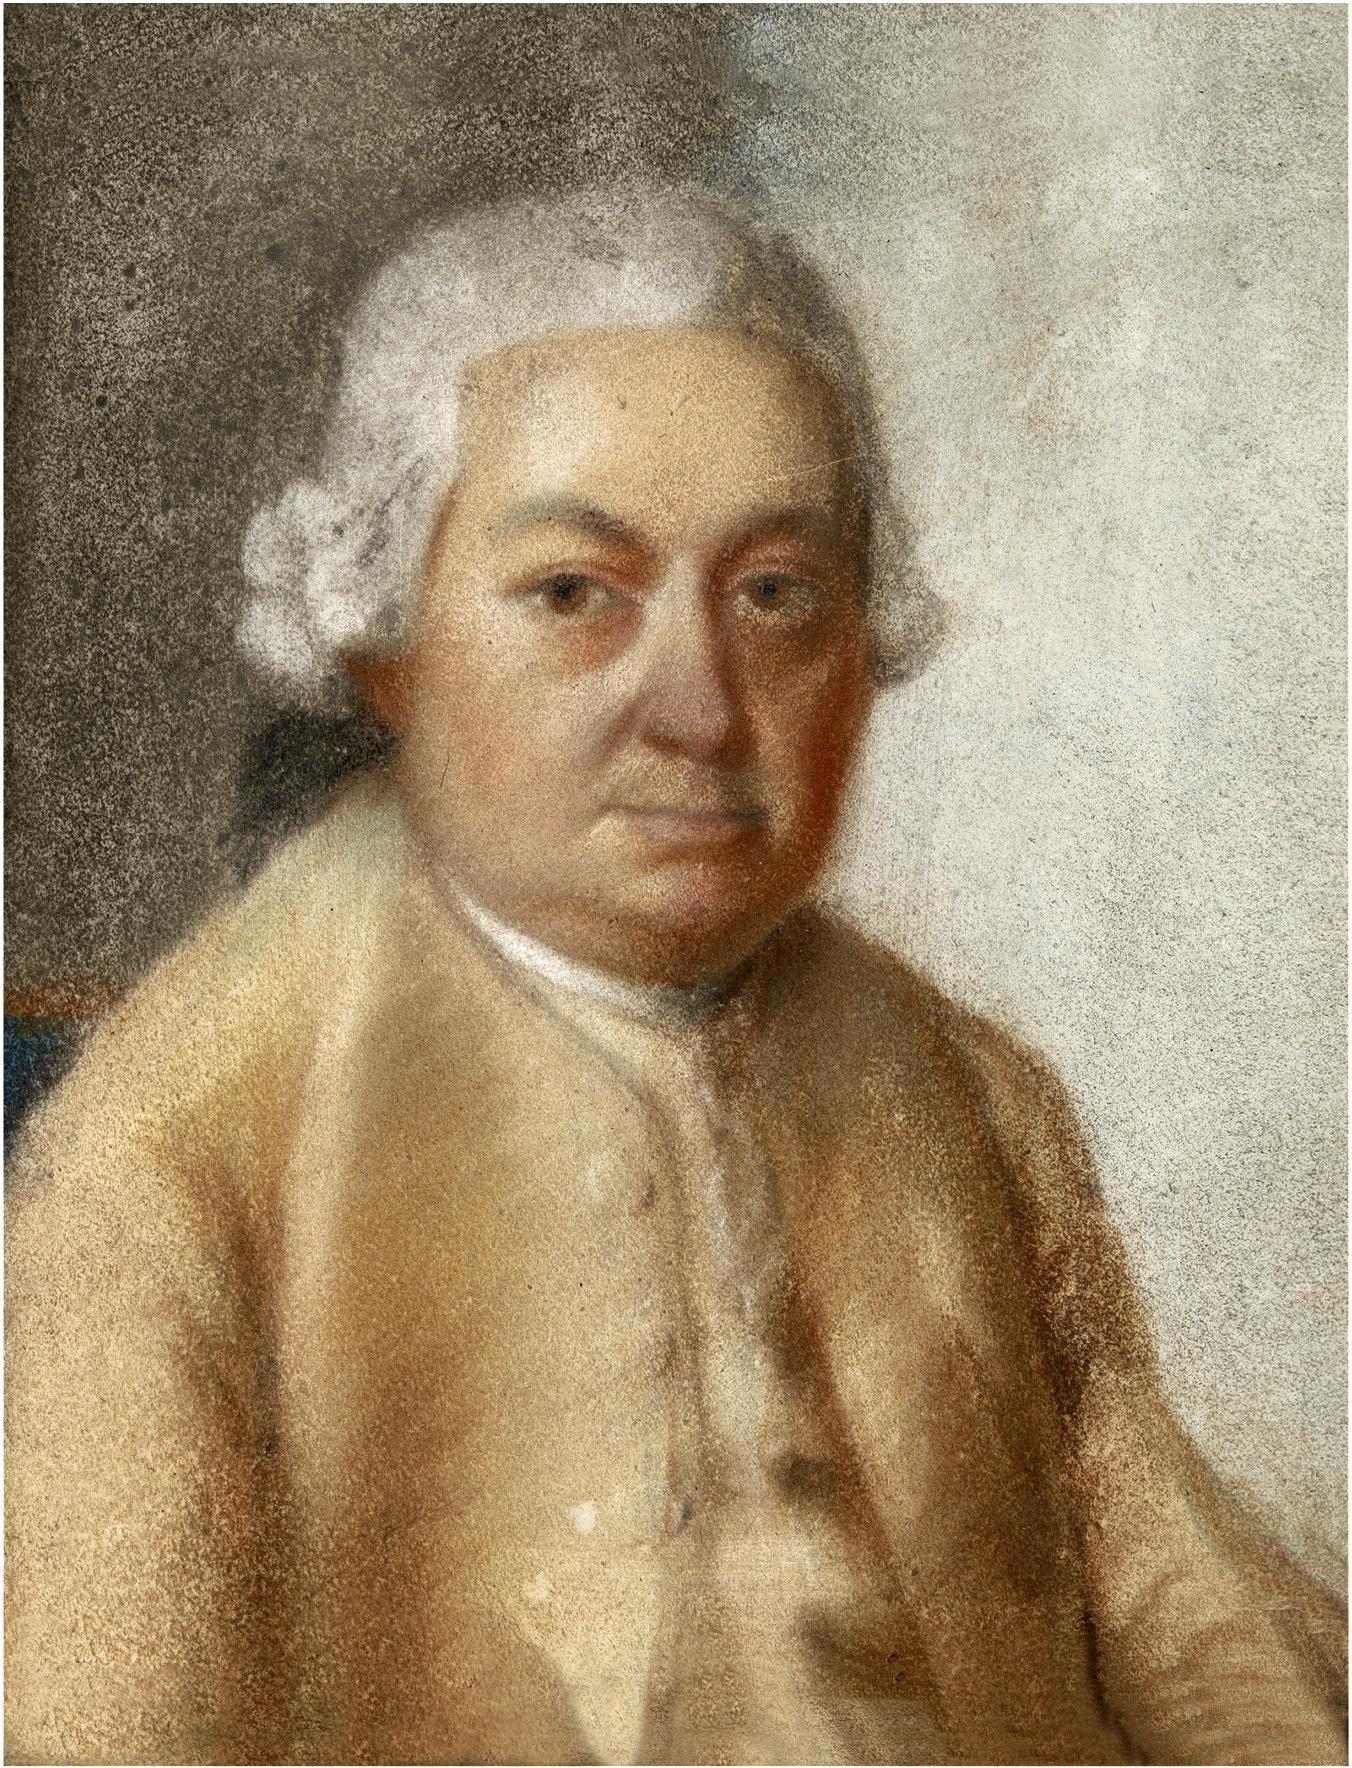 Carl Philipp Emanuel BACH peint par son neveu (6e degré) Johann Philipp Bach (1752–1846), env. 1780, cliquer pour voir l'original et ses références